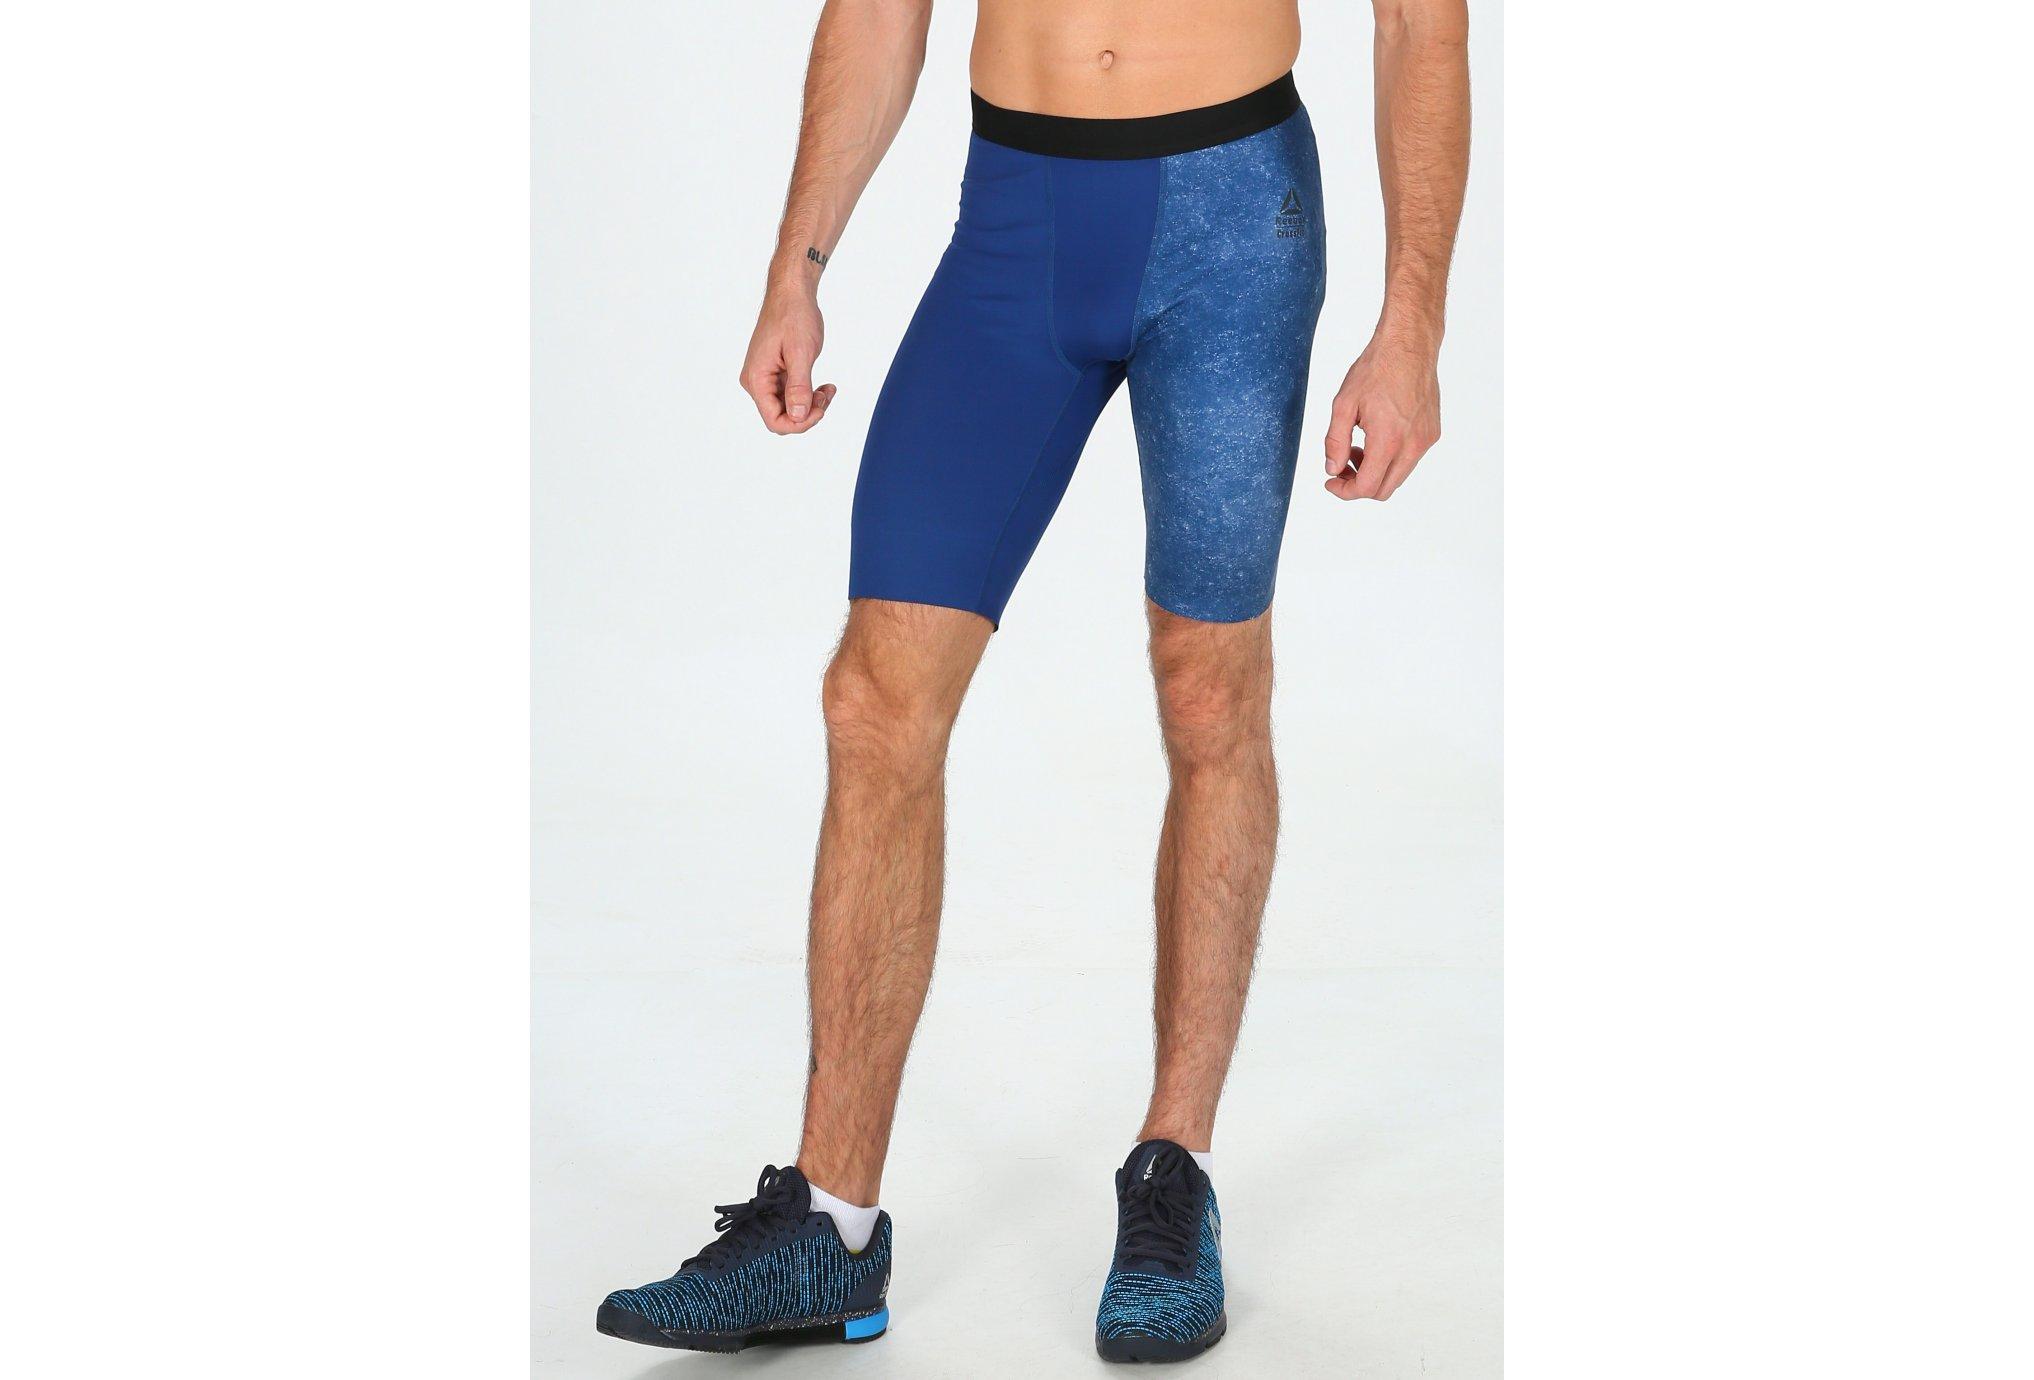 Reebok Compression CrossFit M Diététique Vêtements homme